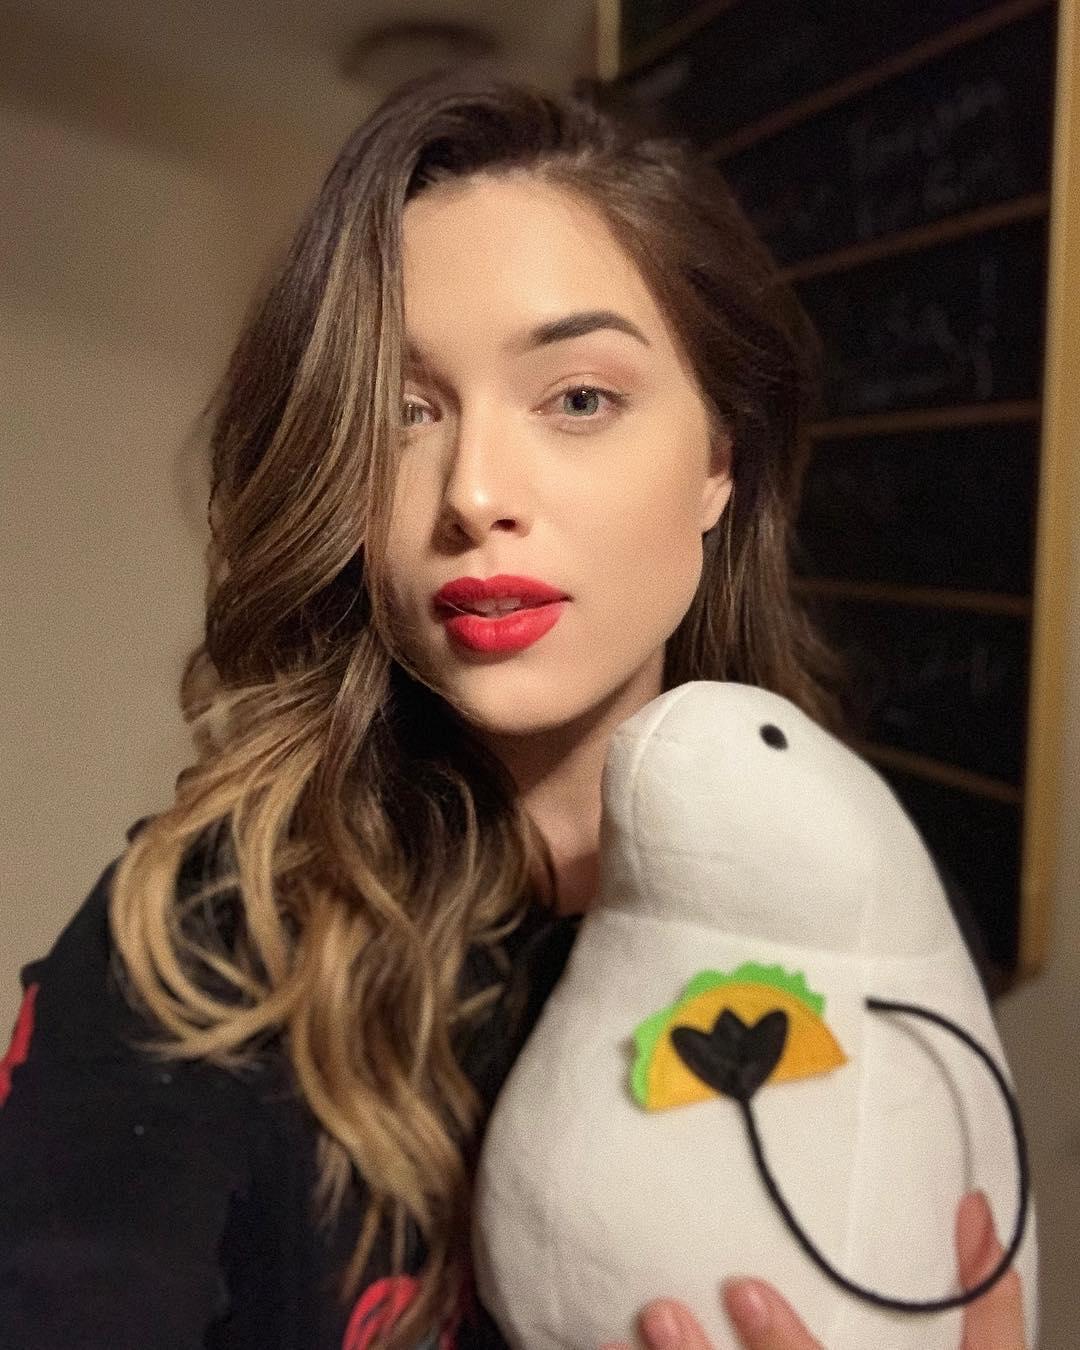 Lauren-Summer-Wallpapers-Insta-Fit-Bio-10